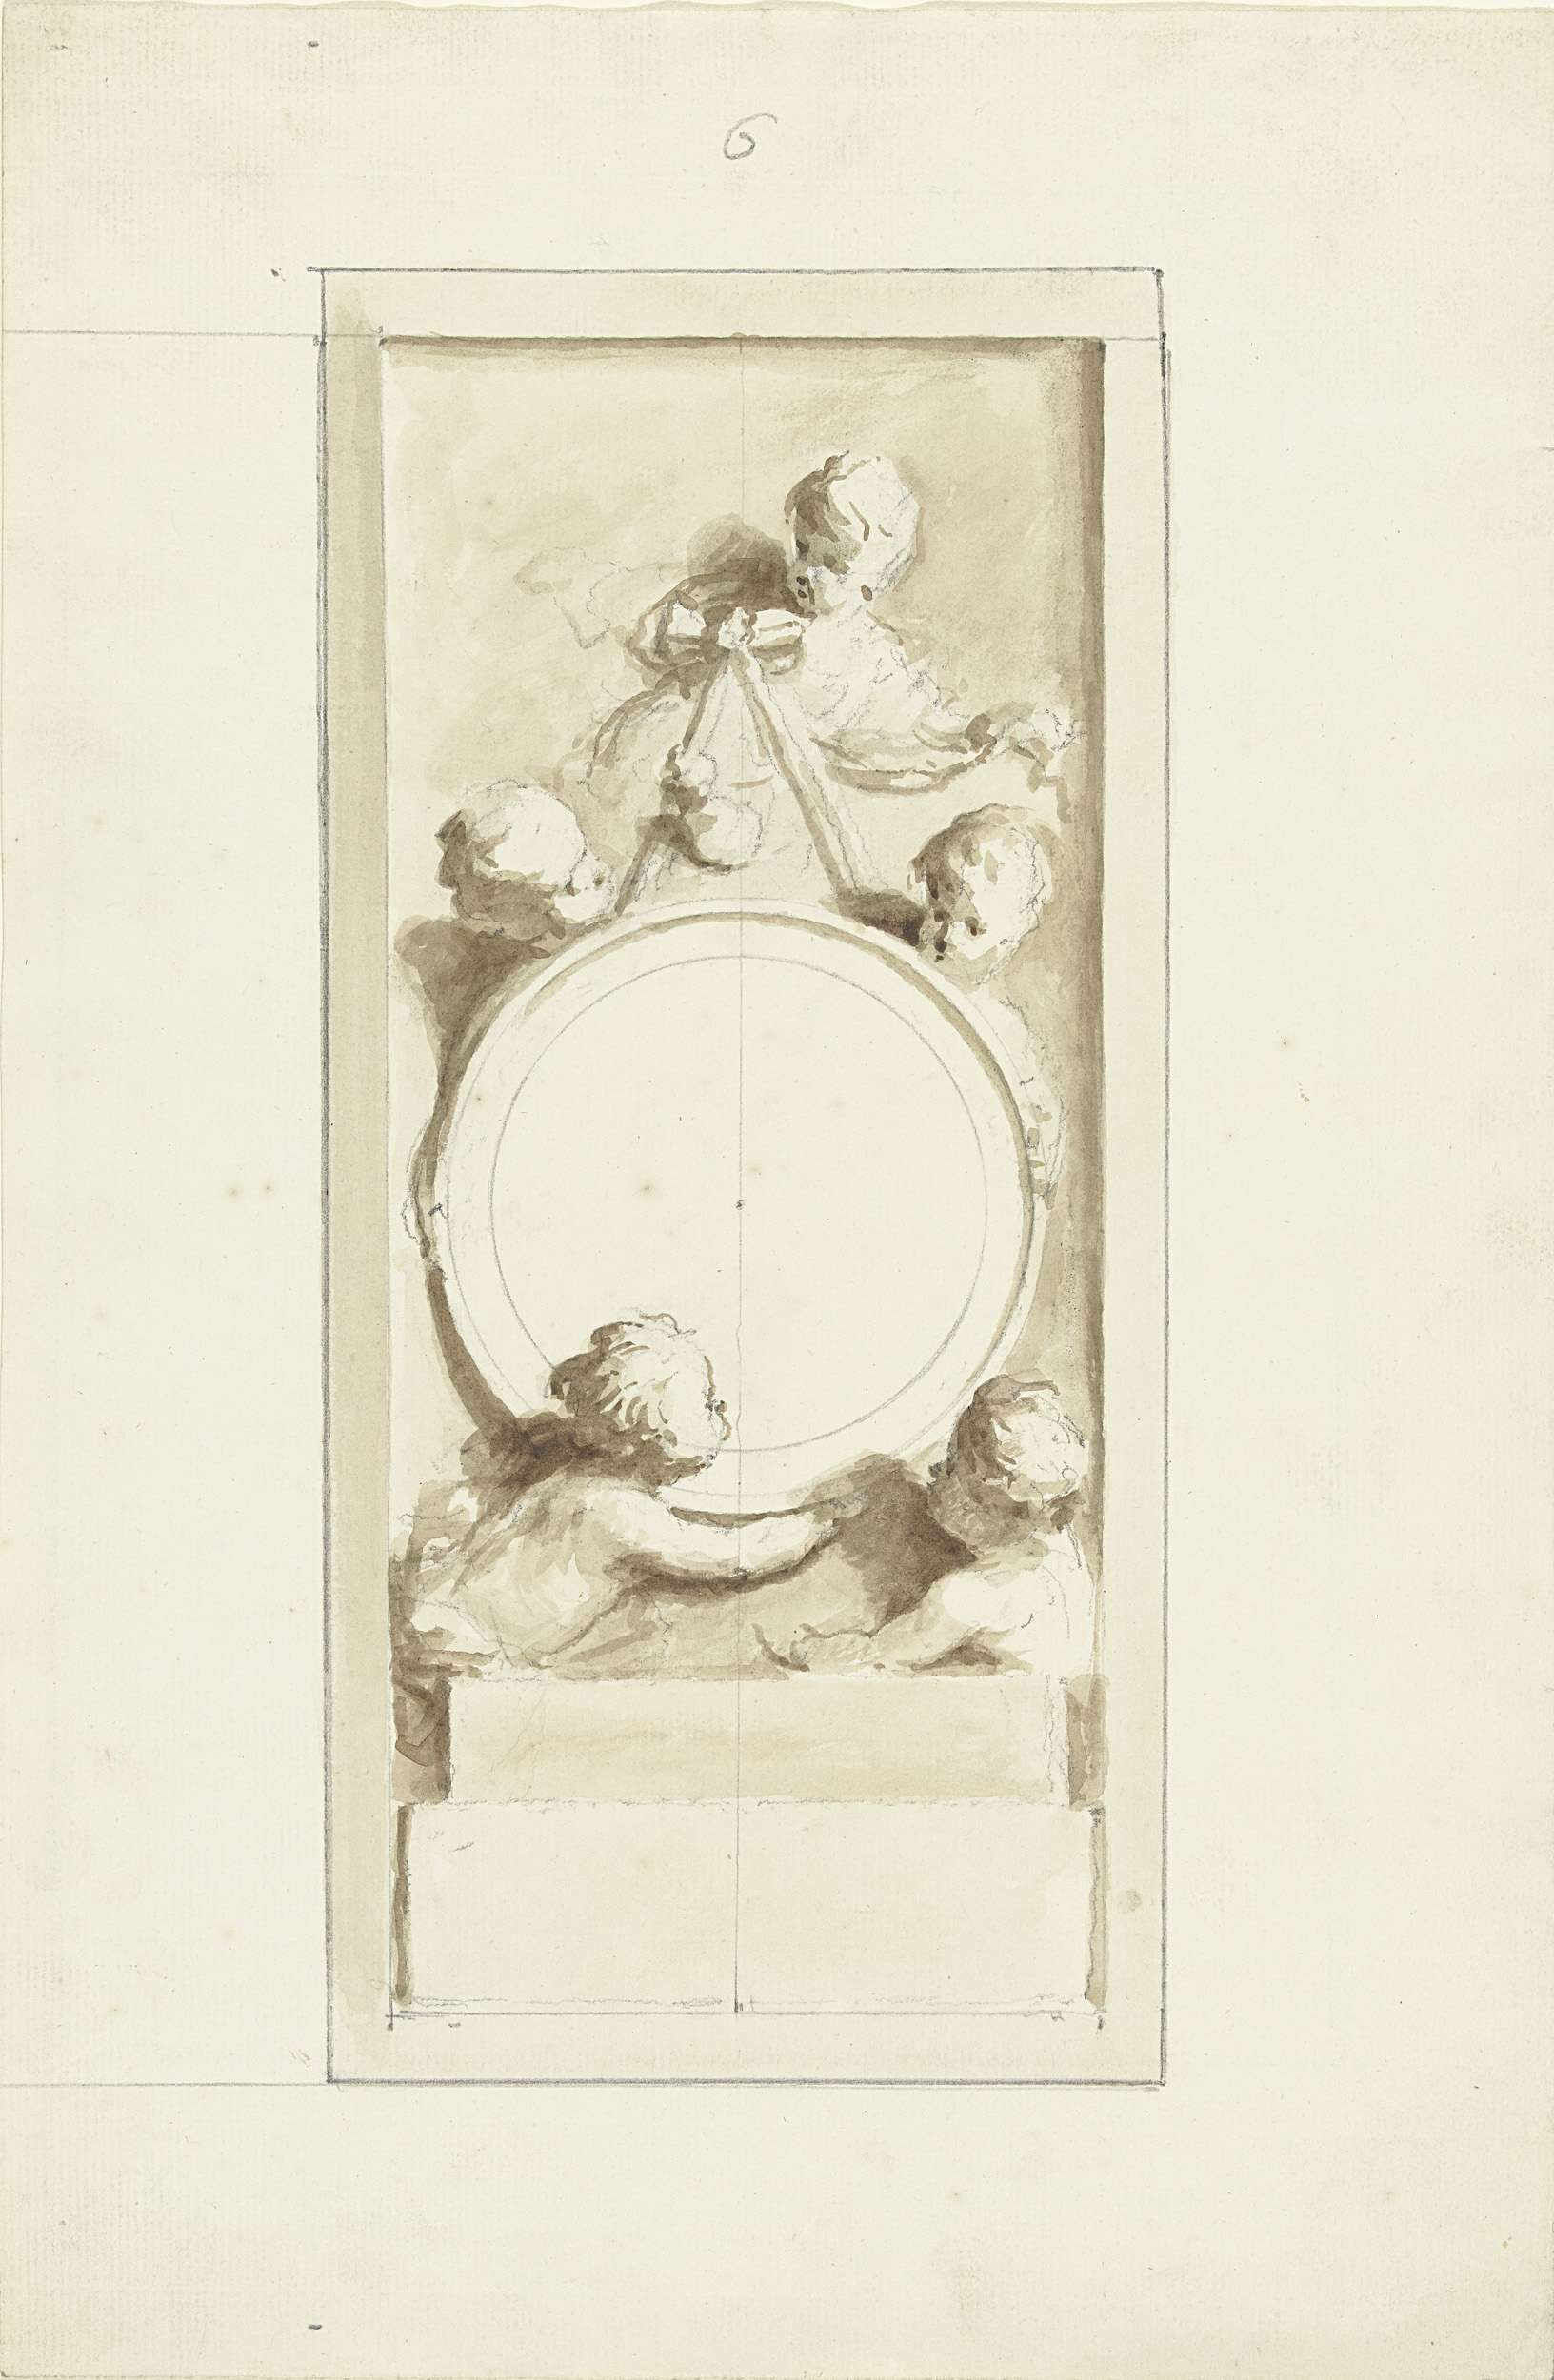 Dionys van Nijmegen | Putti rond een medaillon, Dionys van Nijmegen, 1715 - 1798 | Ontwerp voor een schildering.